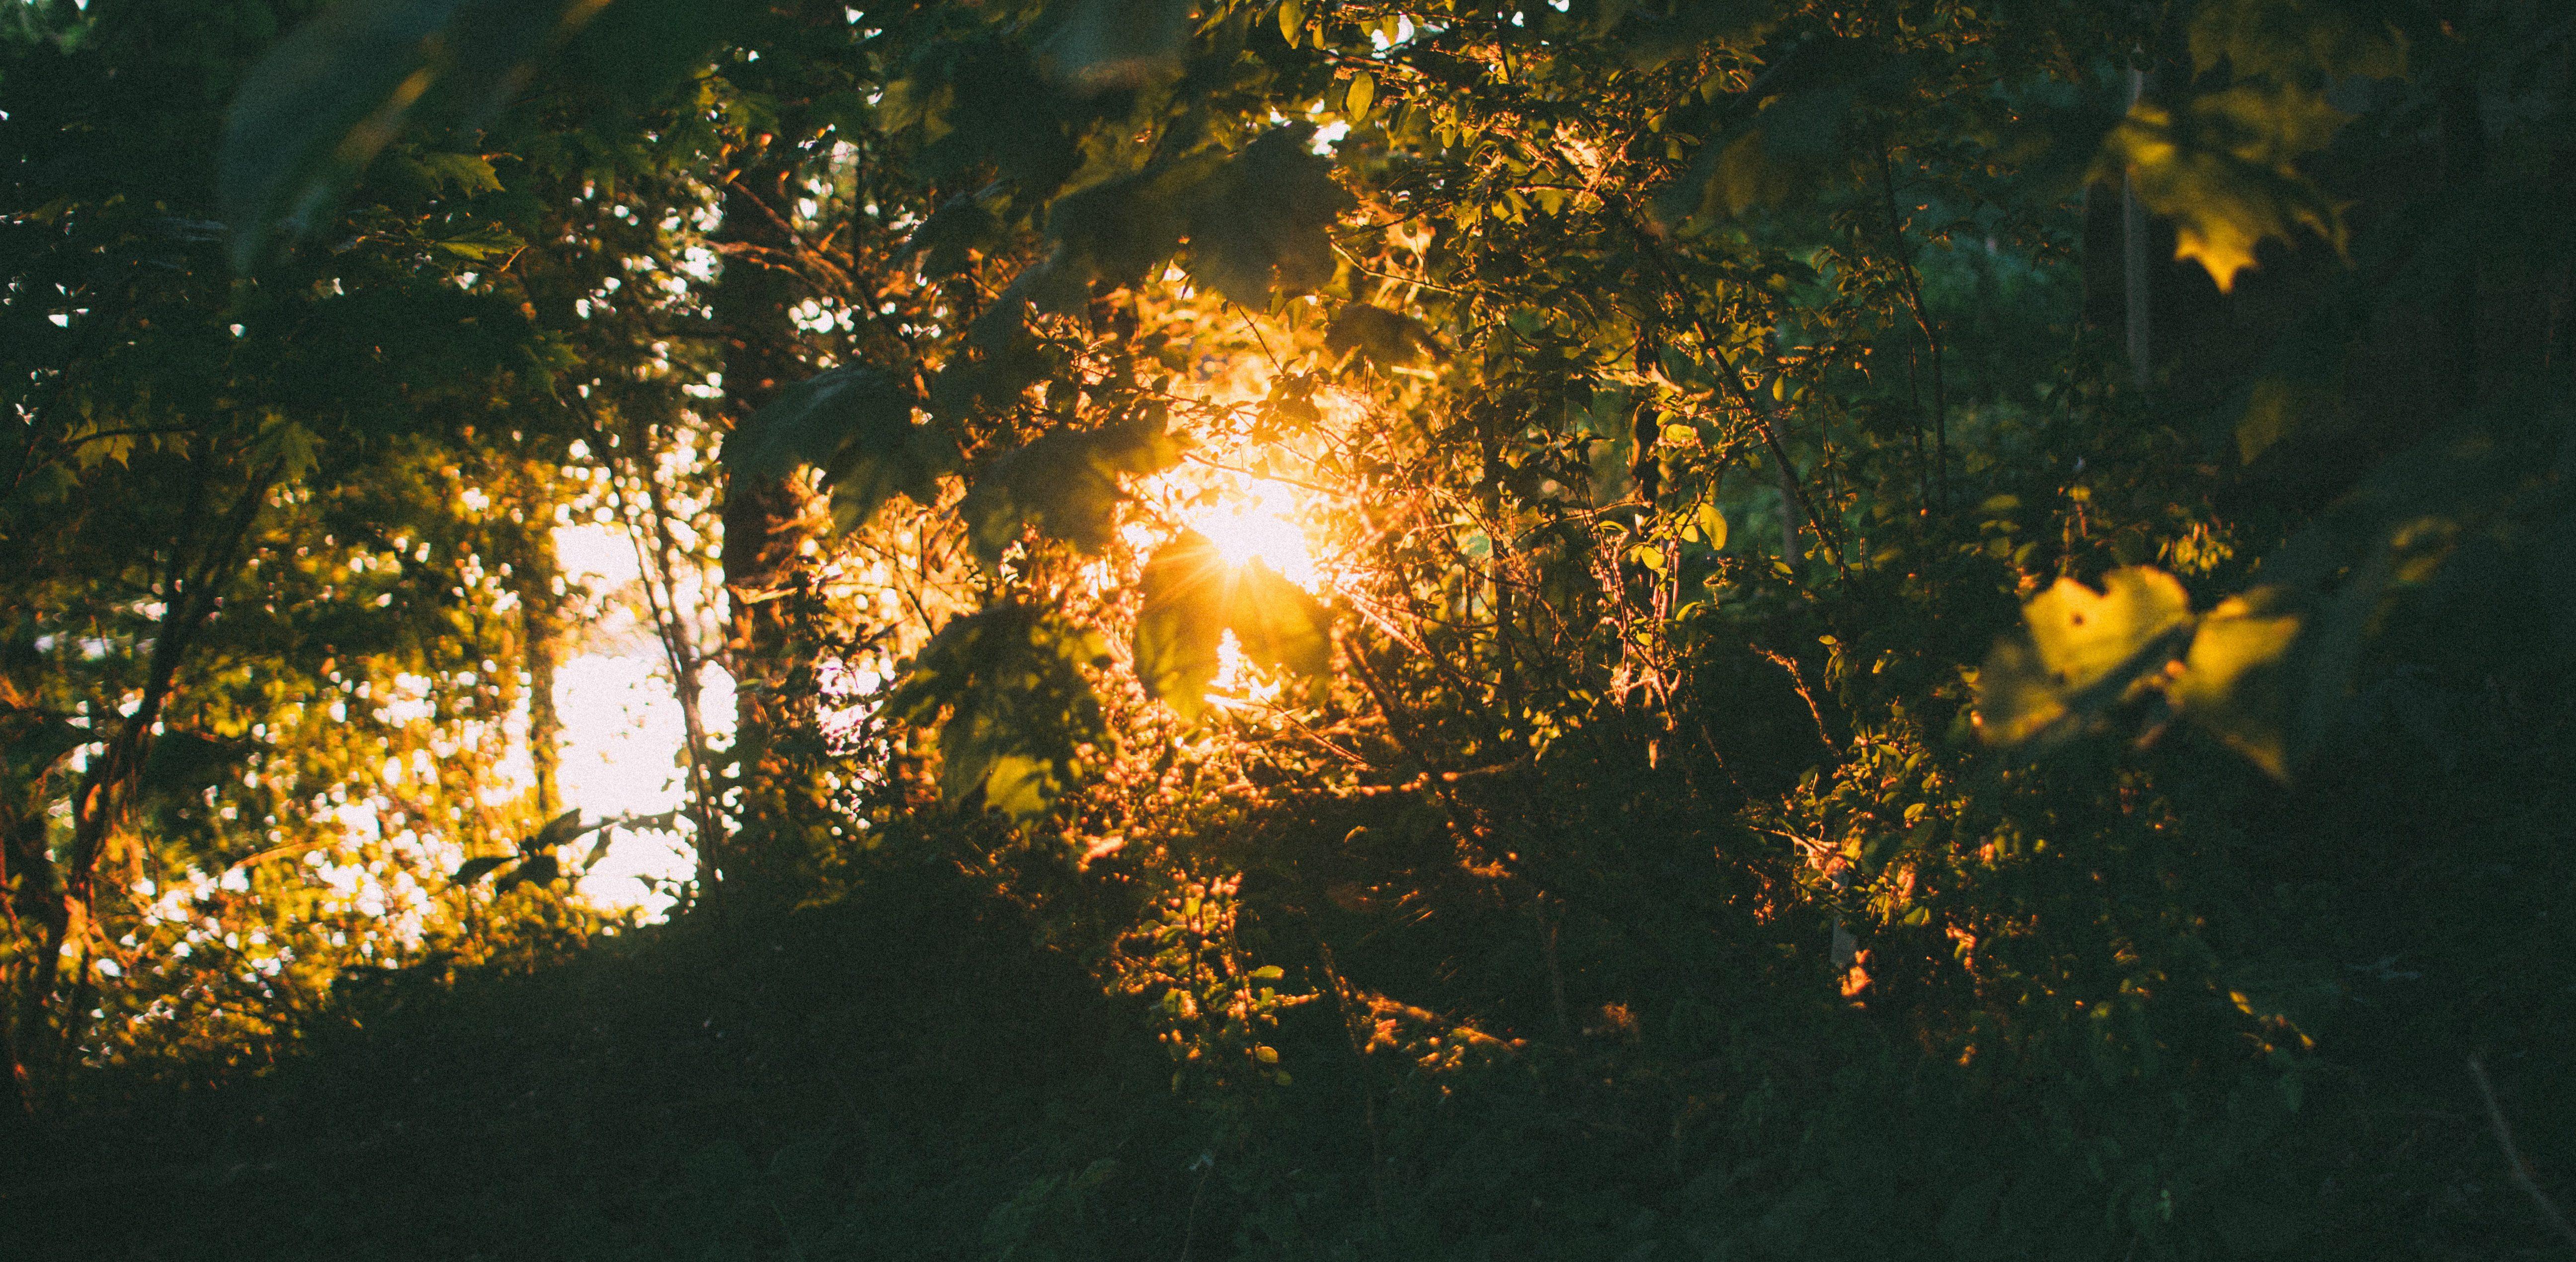 Eternal Summer by Ella Hassall